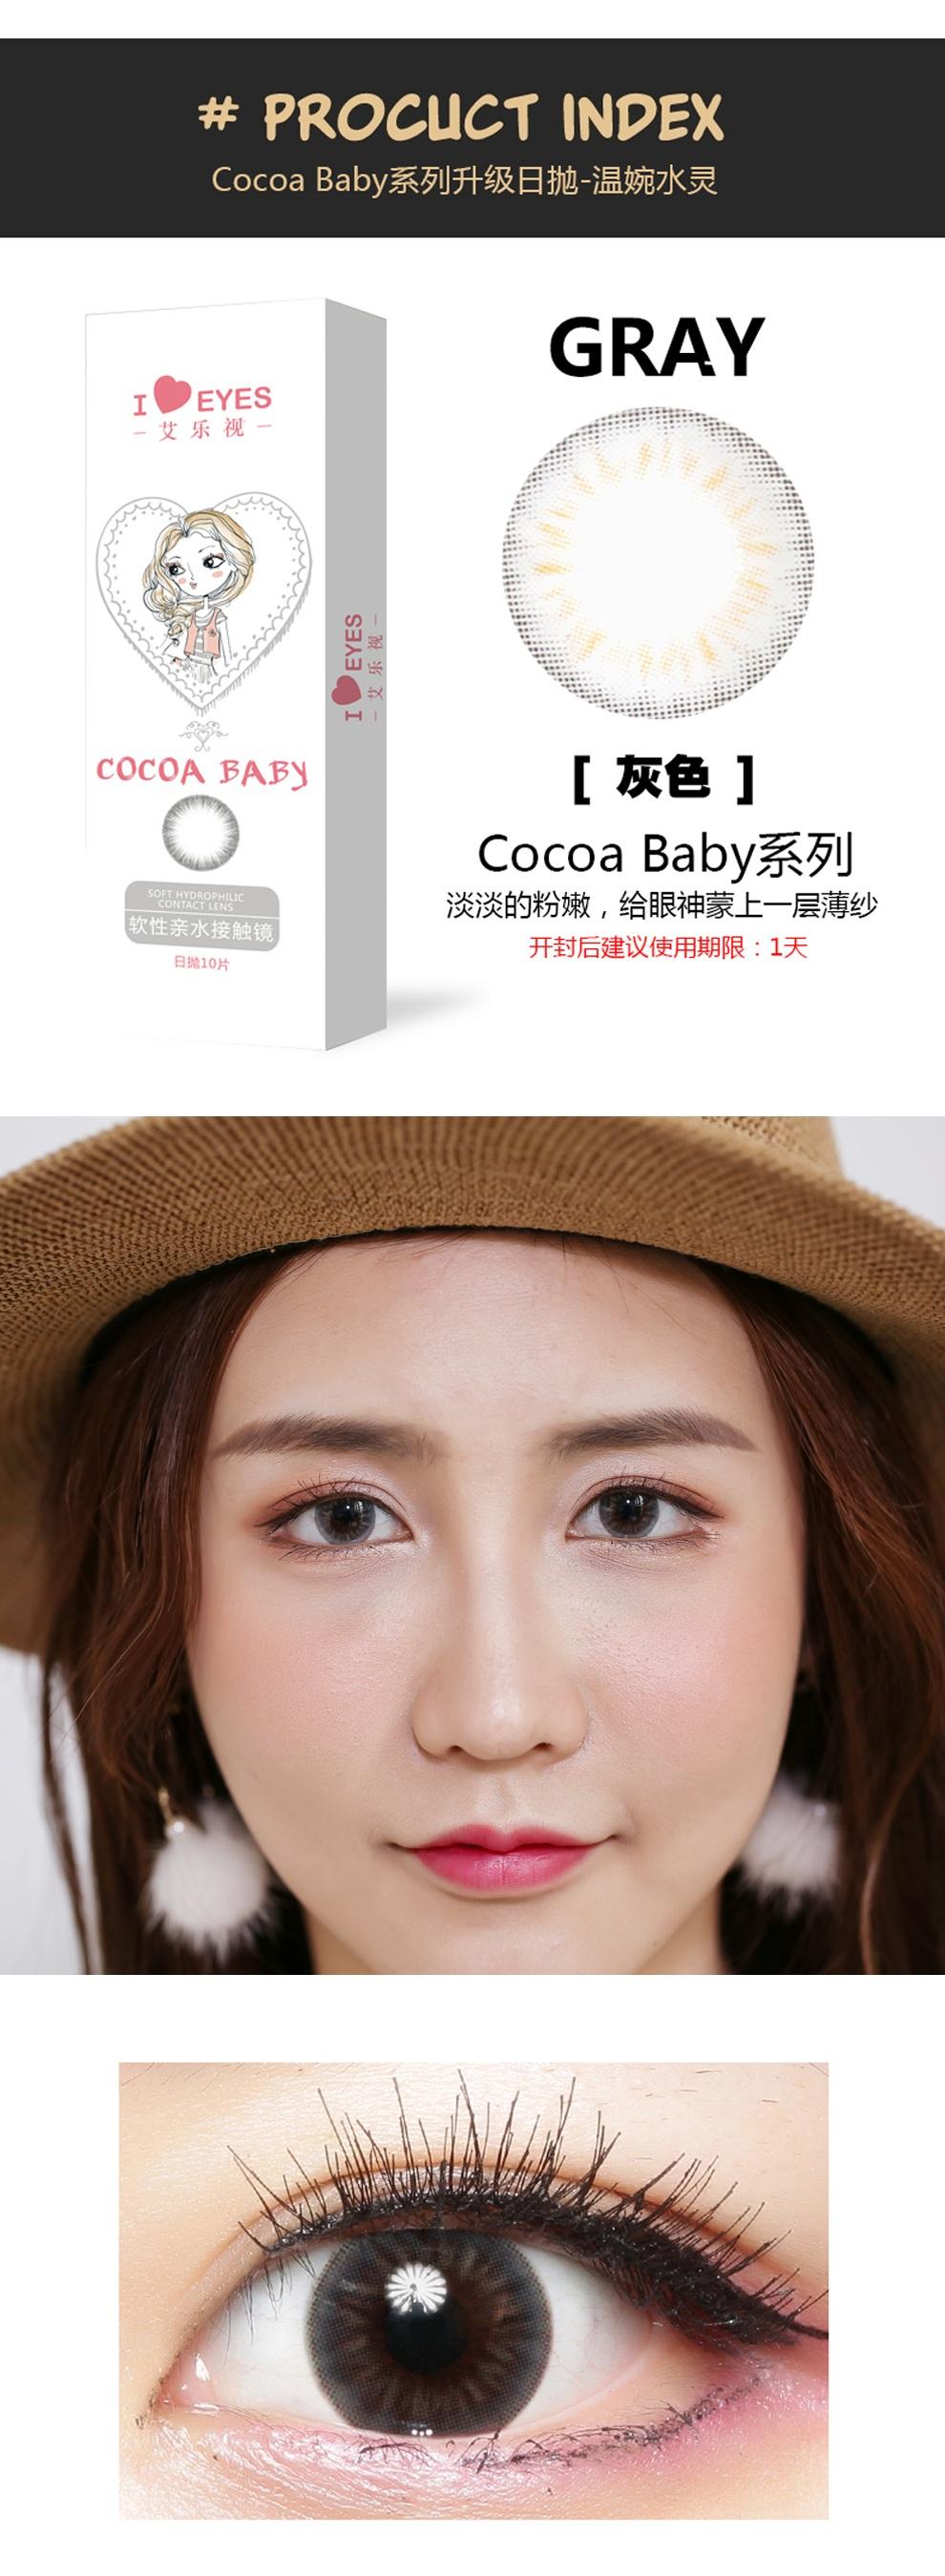 cocoa baby灰.jpg